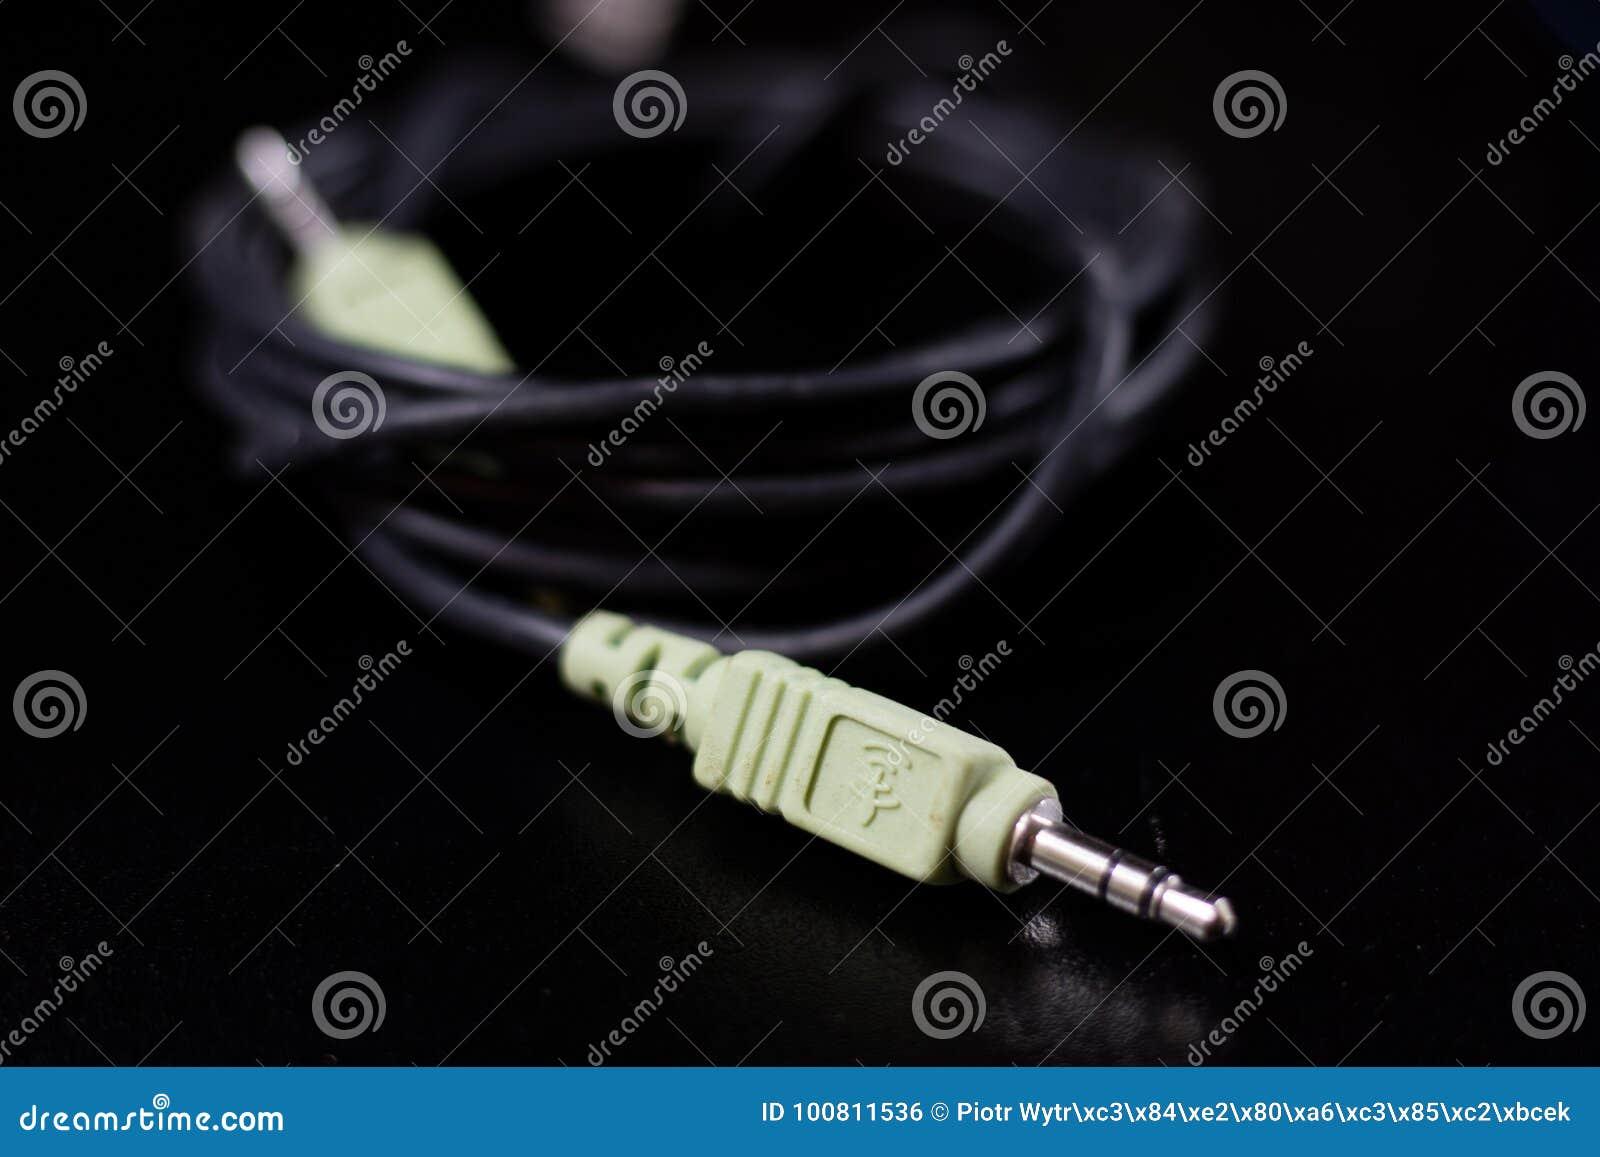 Alte verwickelte Kabel, Elektronik und alte Kabelverbindungsstücke auf a